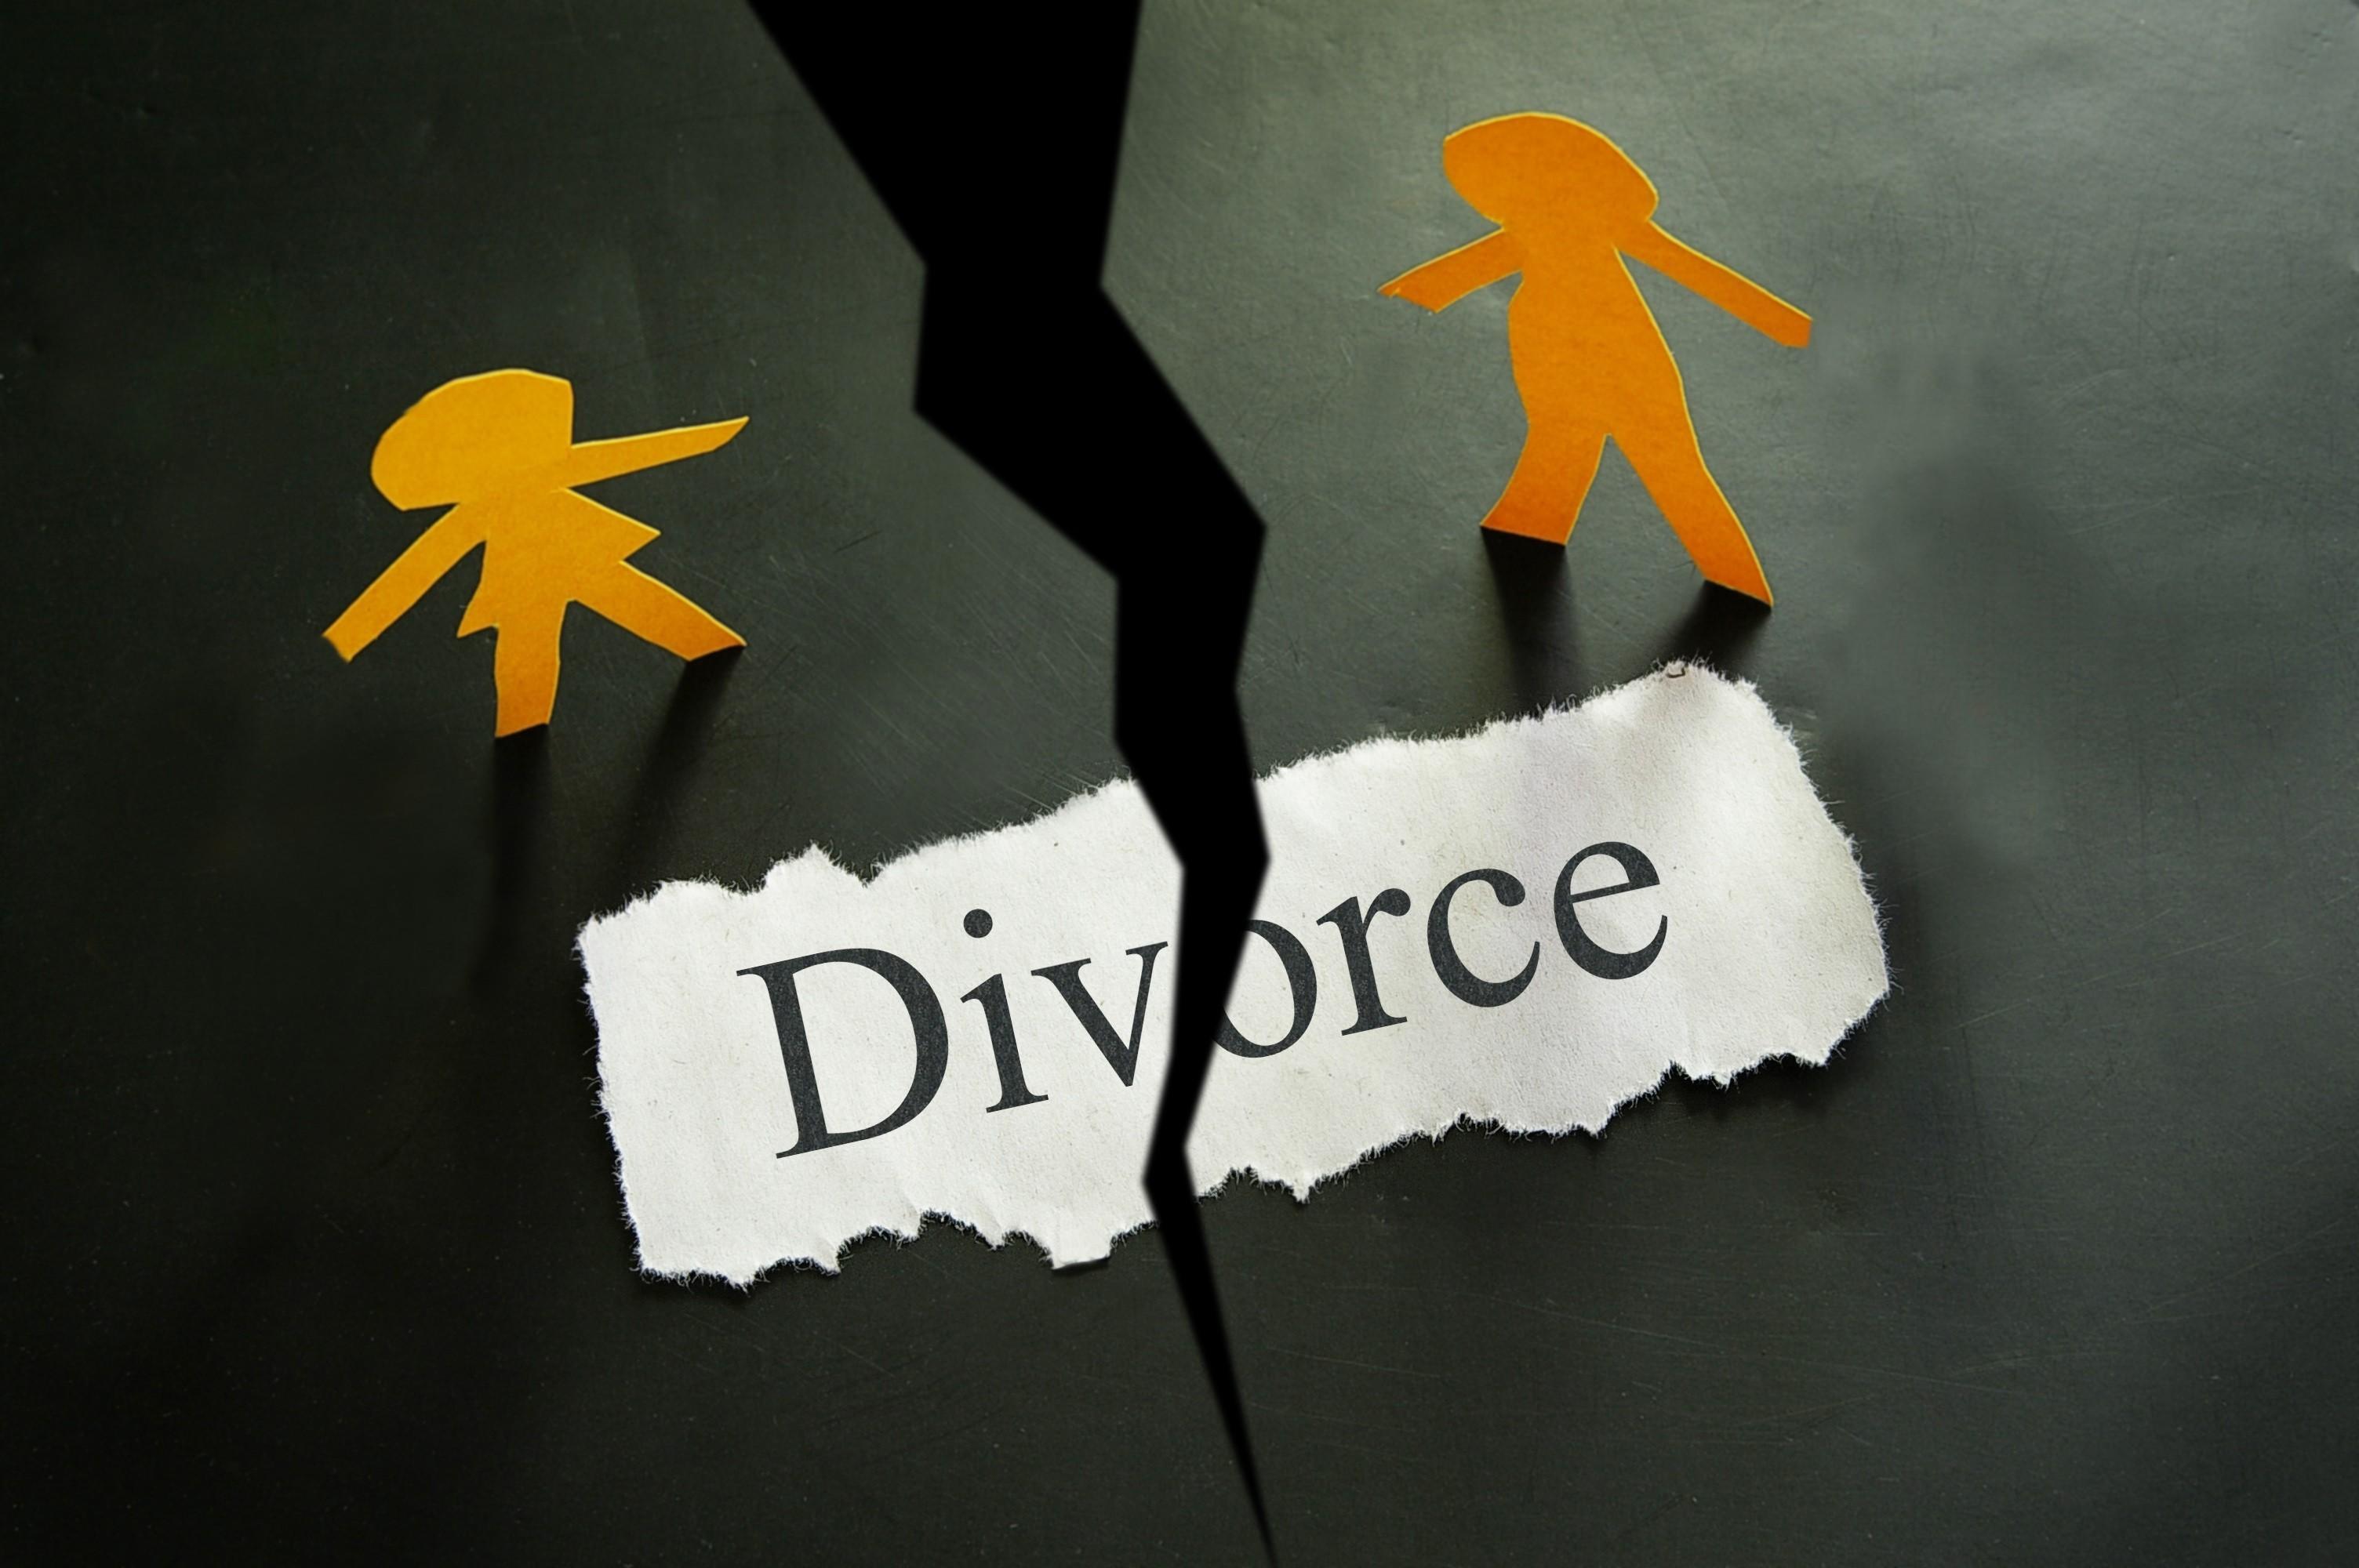 Tribunalul a obligat un chinez să-și plătească fosta soție pentru munca făcută acasă în timpul căsătoriei